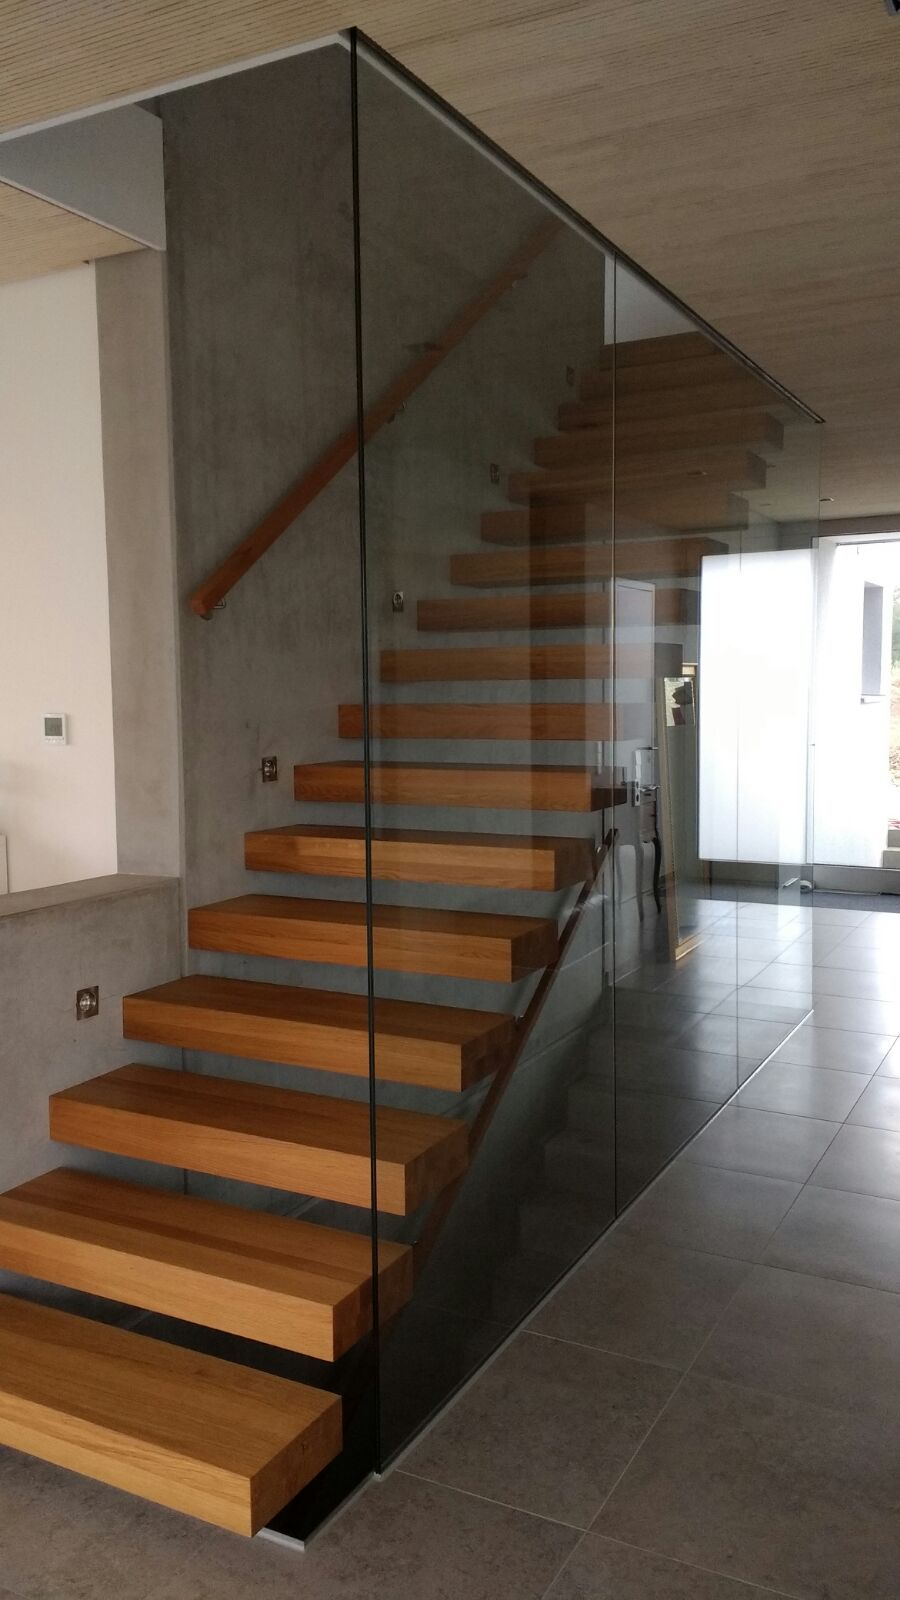 Treppenhausfestverglasung